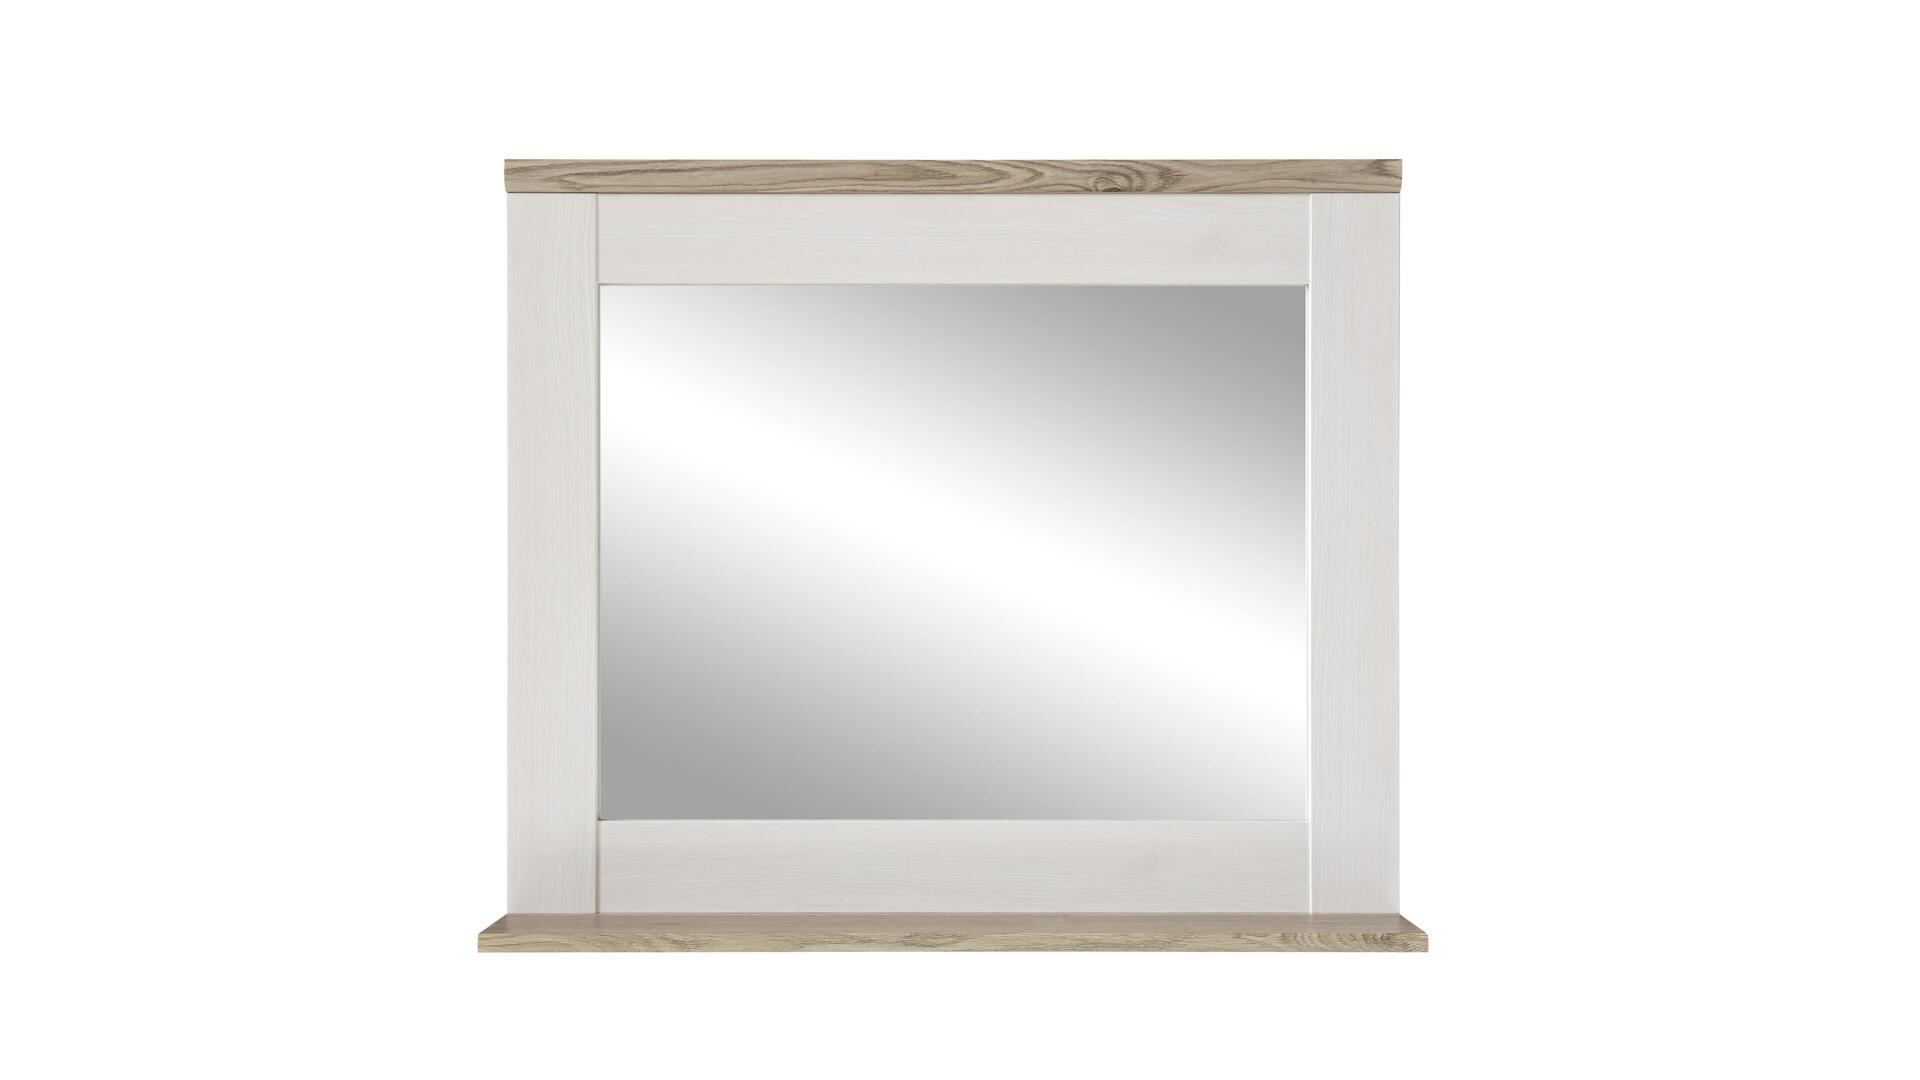 Badzimmer-Spiegel